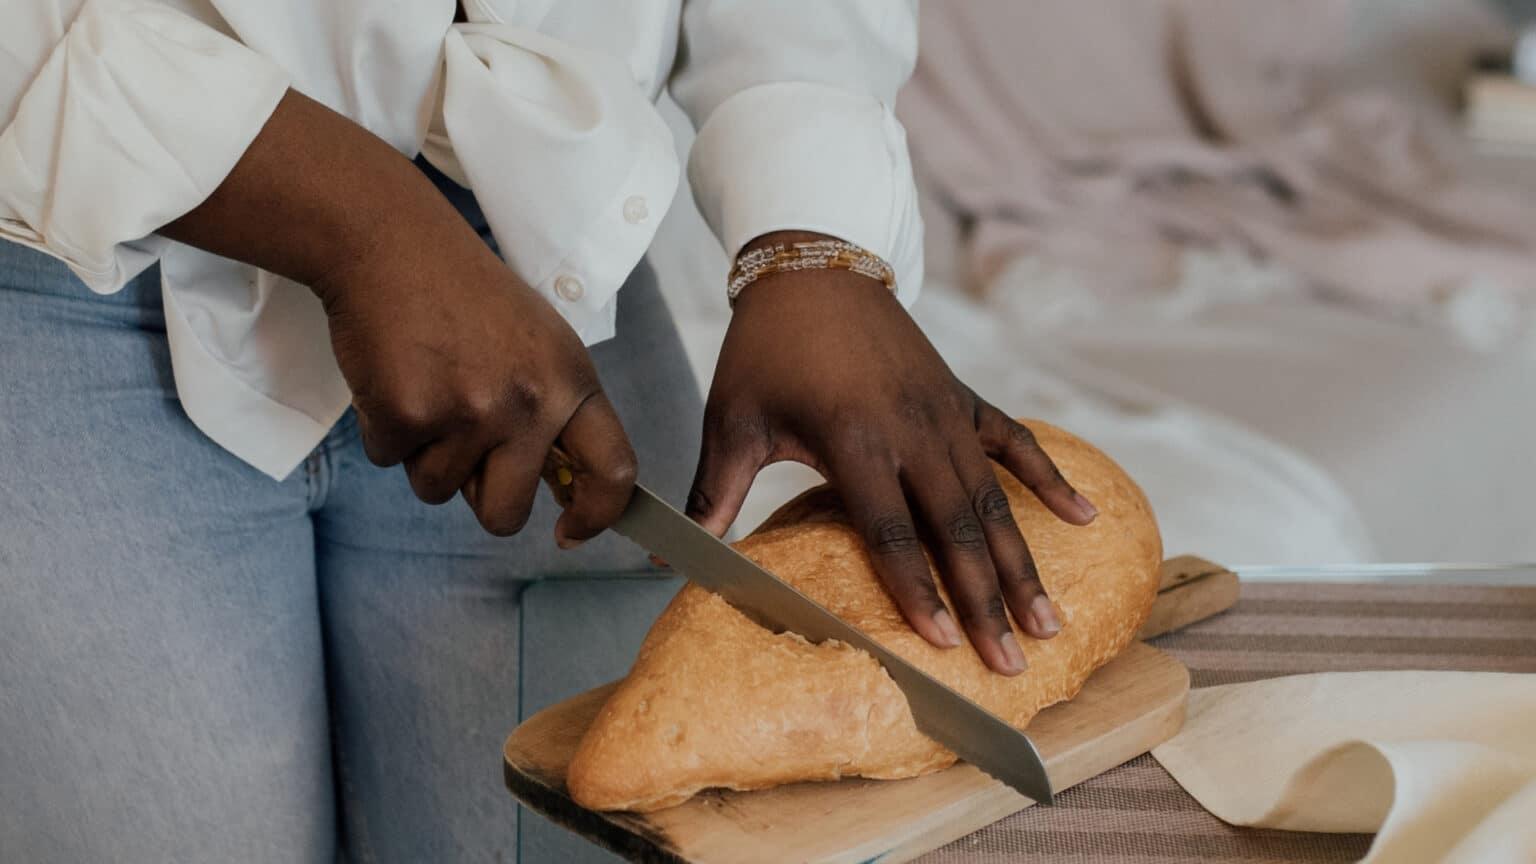 Bread Knives and Criteria